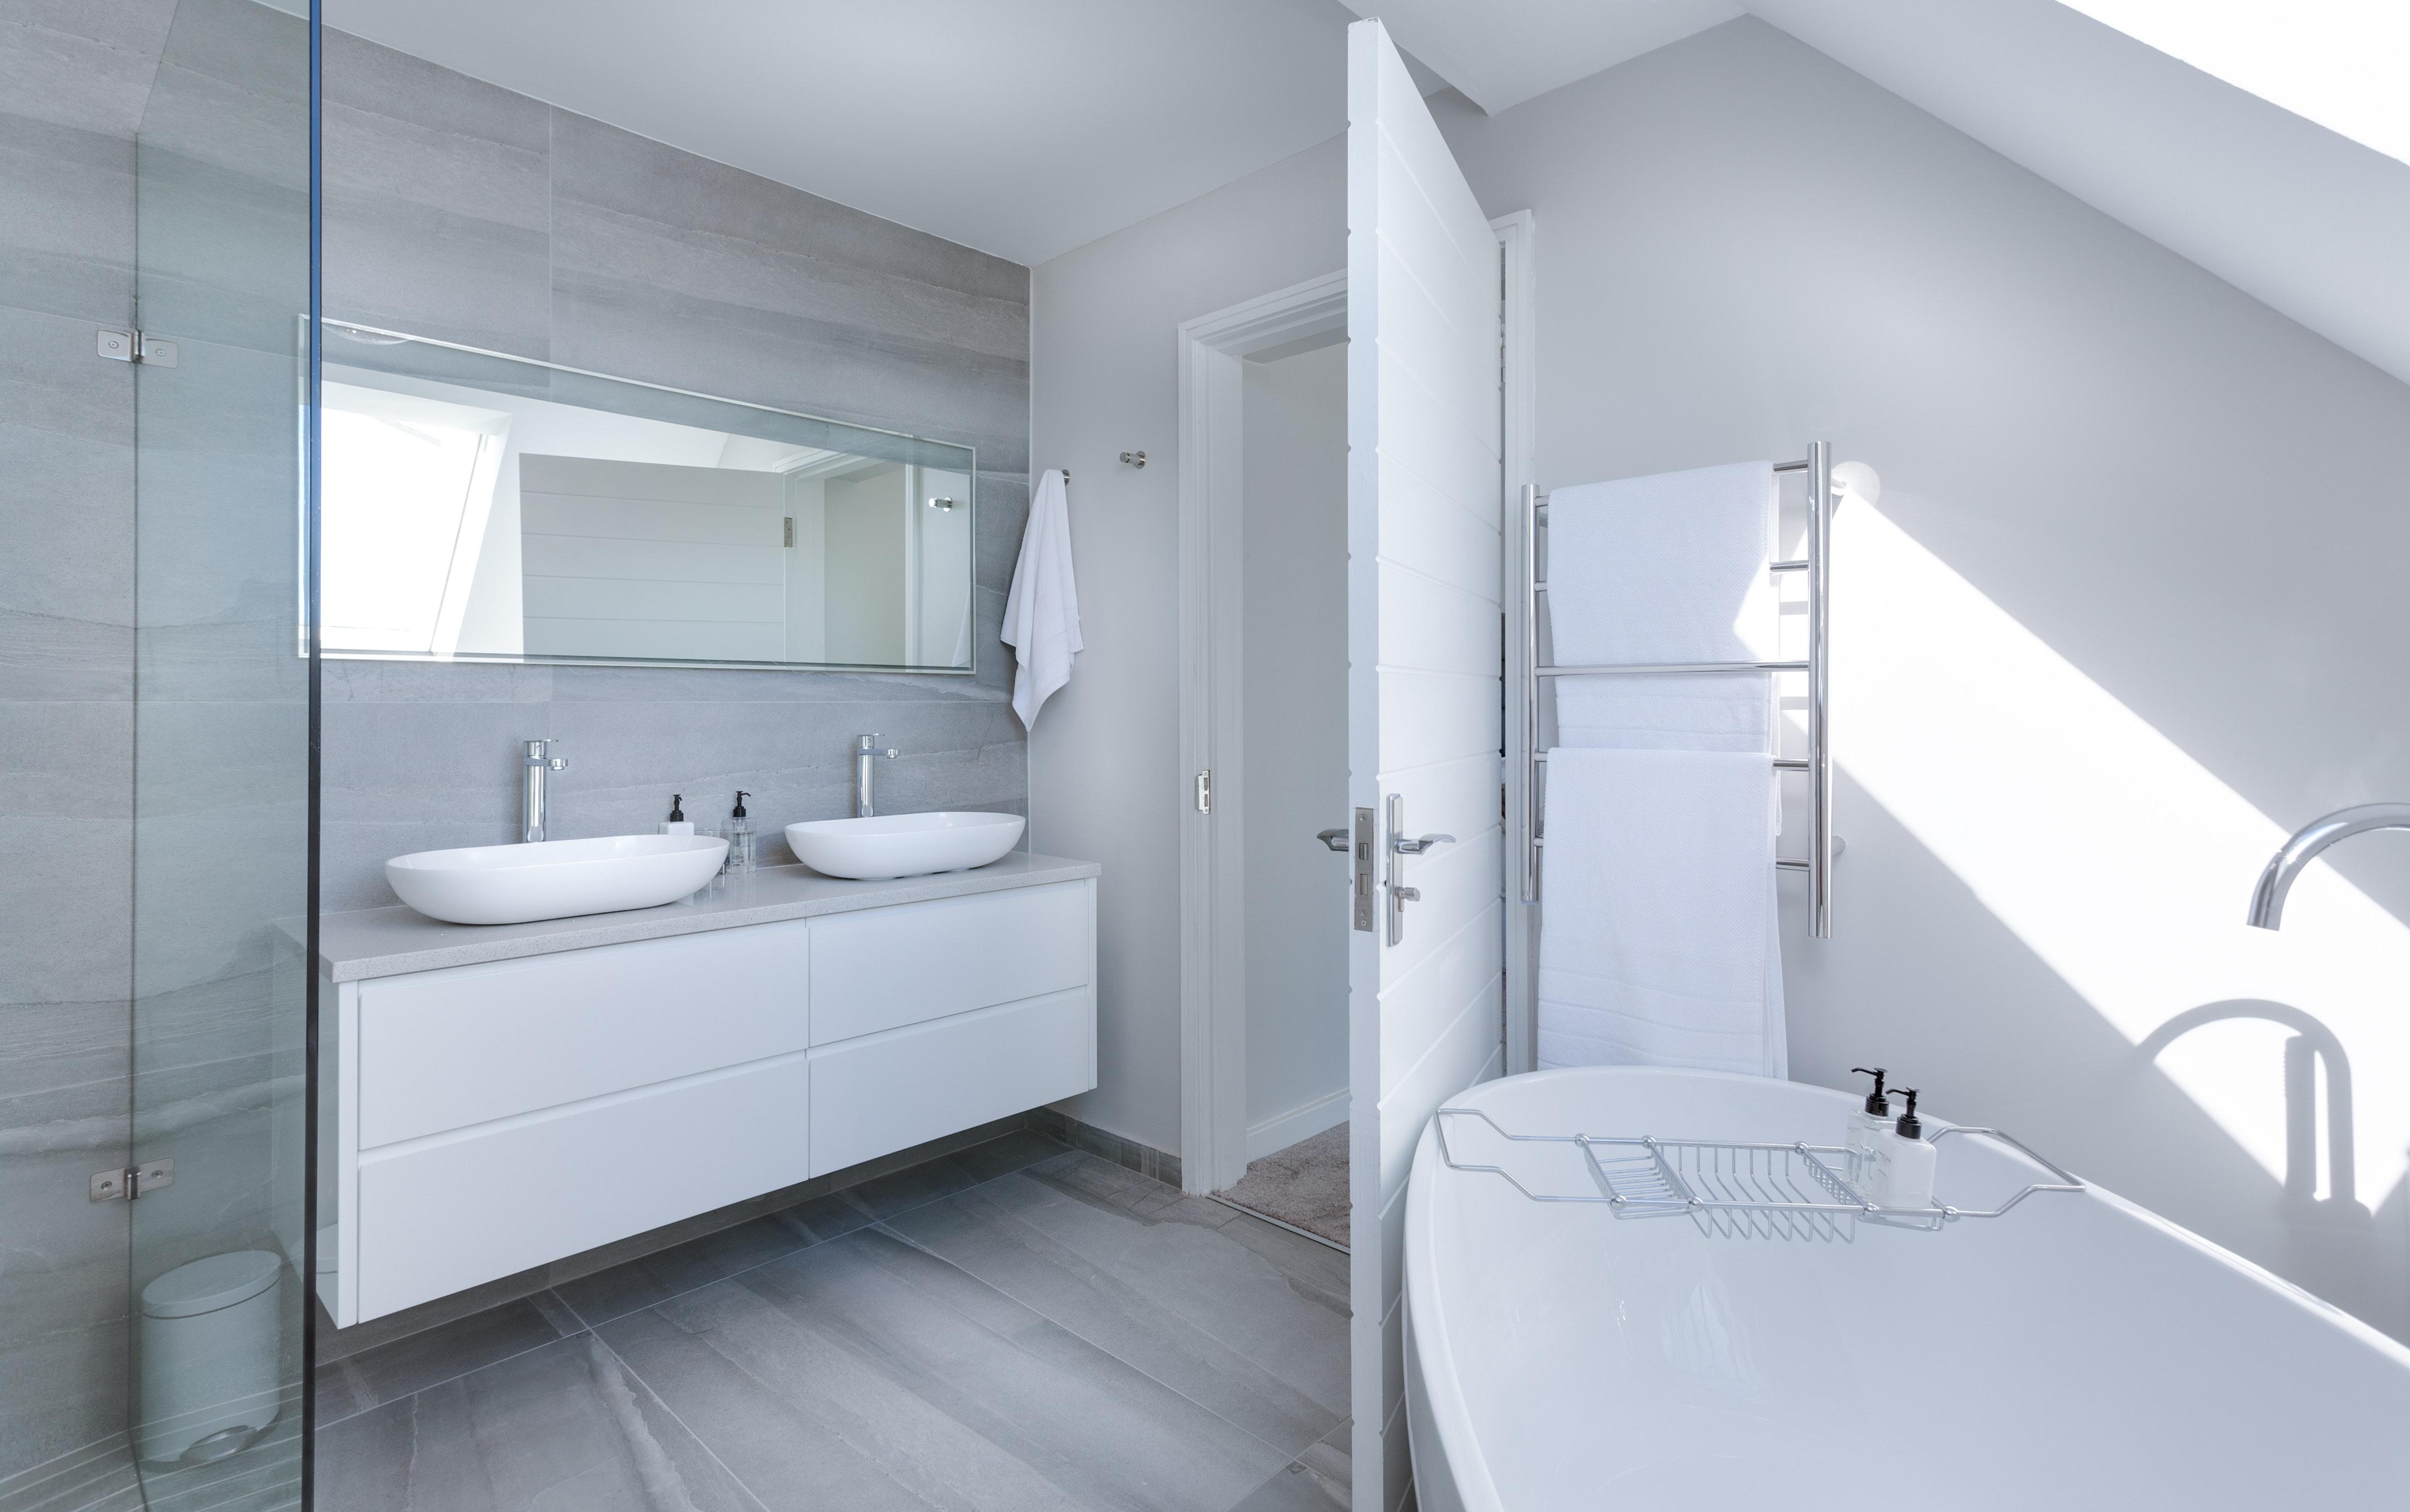 5 Astuces pour reformer la salle de bain sans faire de travaux